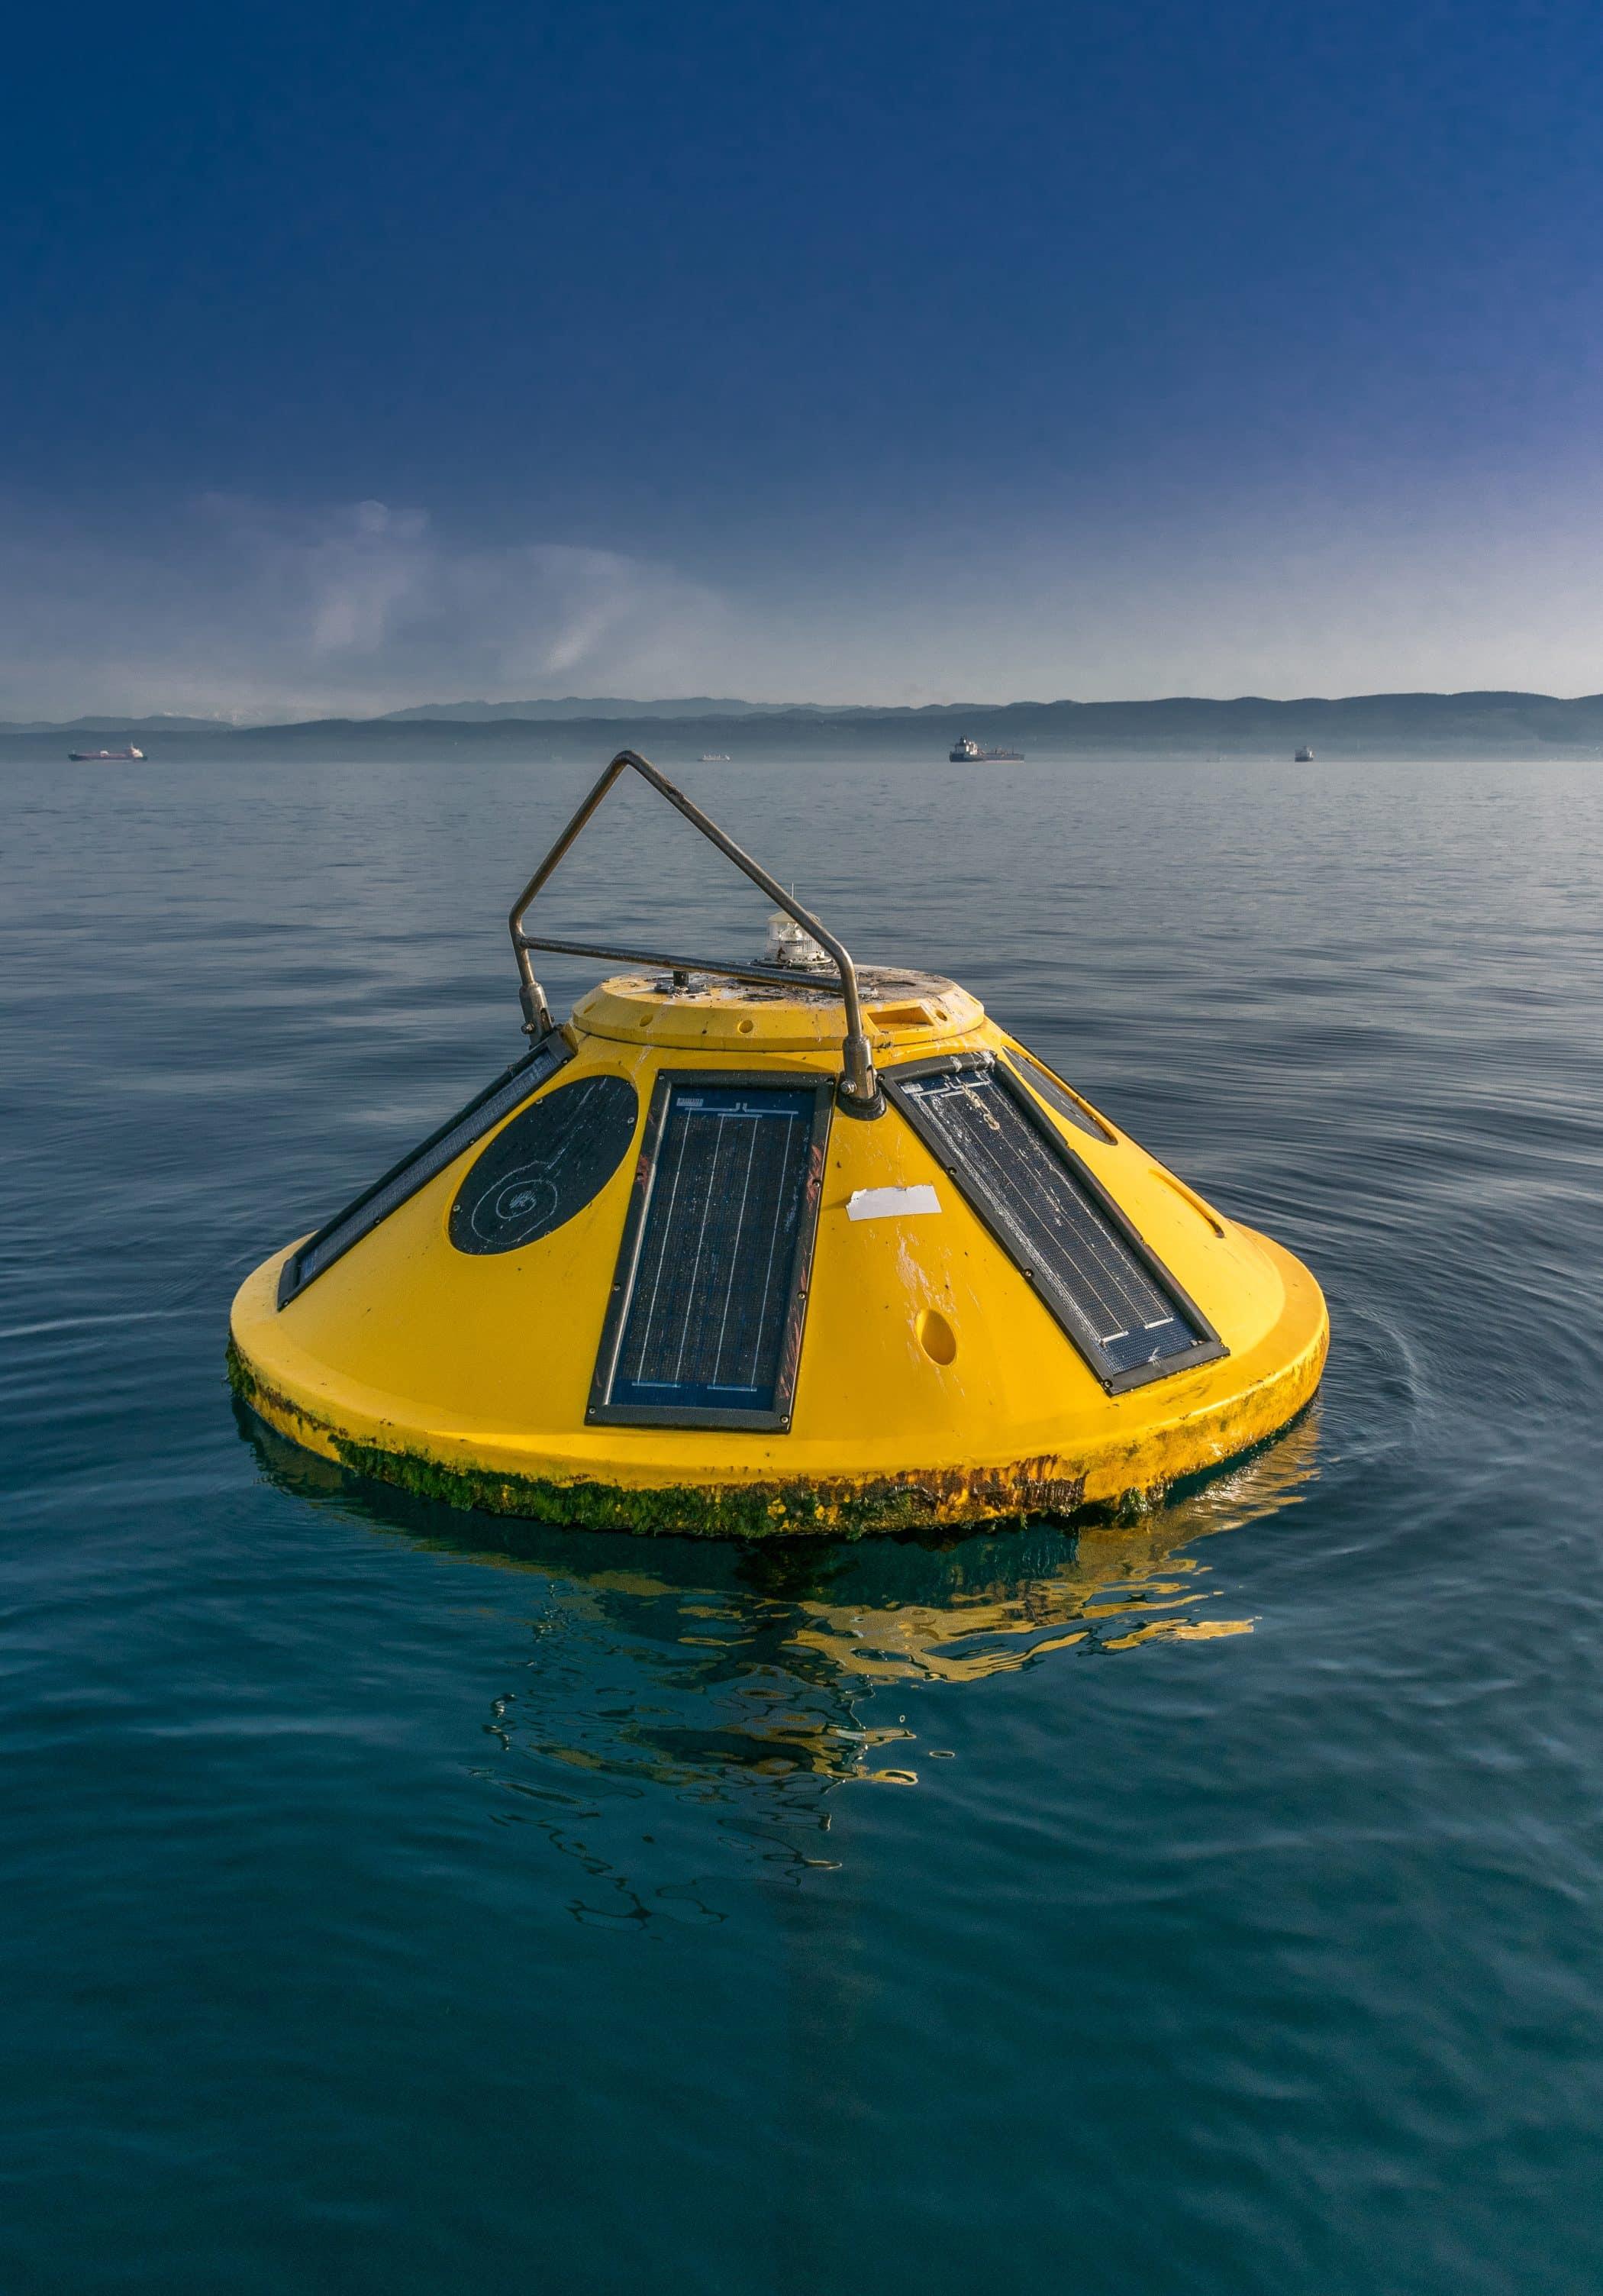 oceanographic buoy